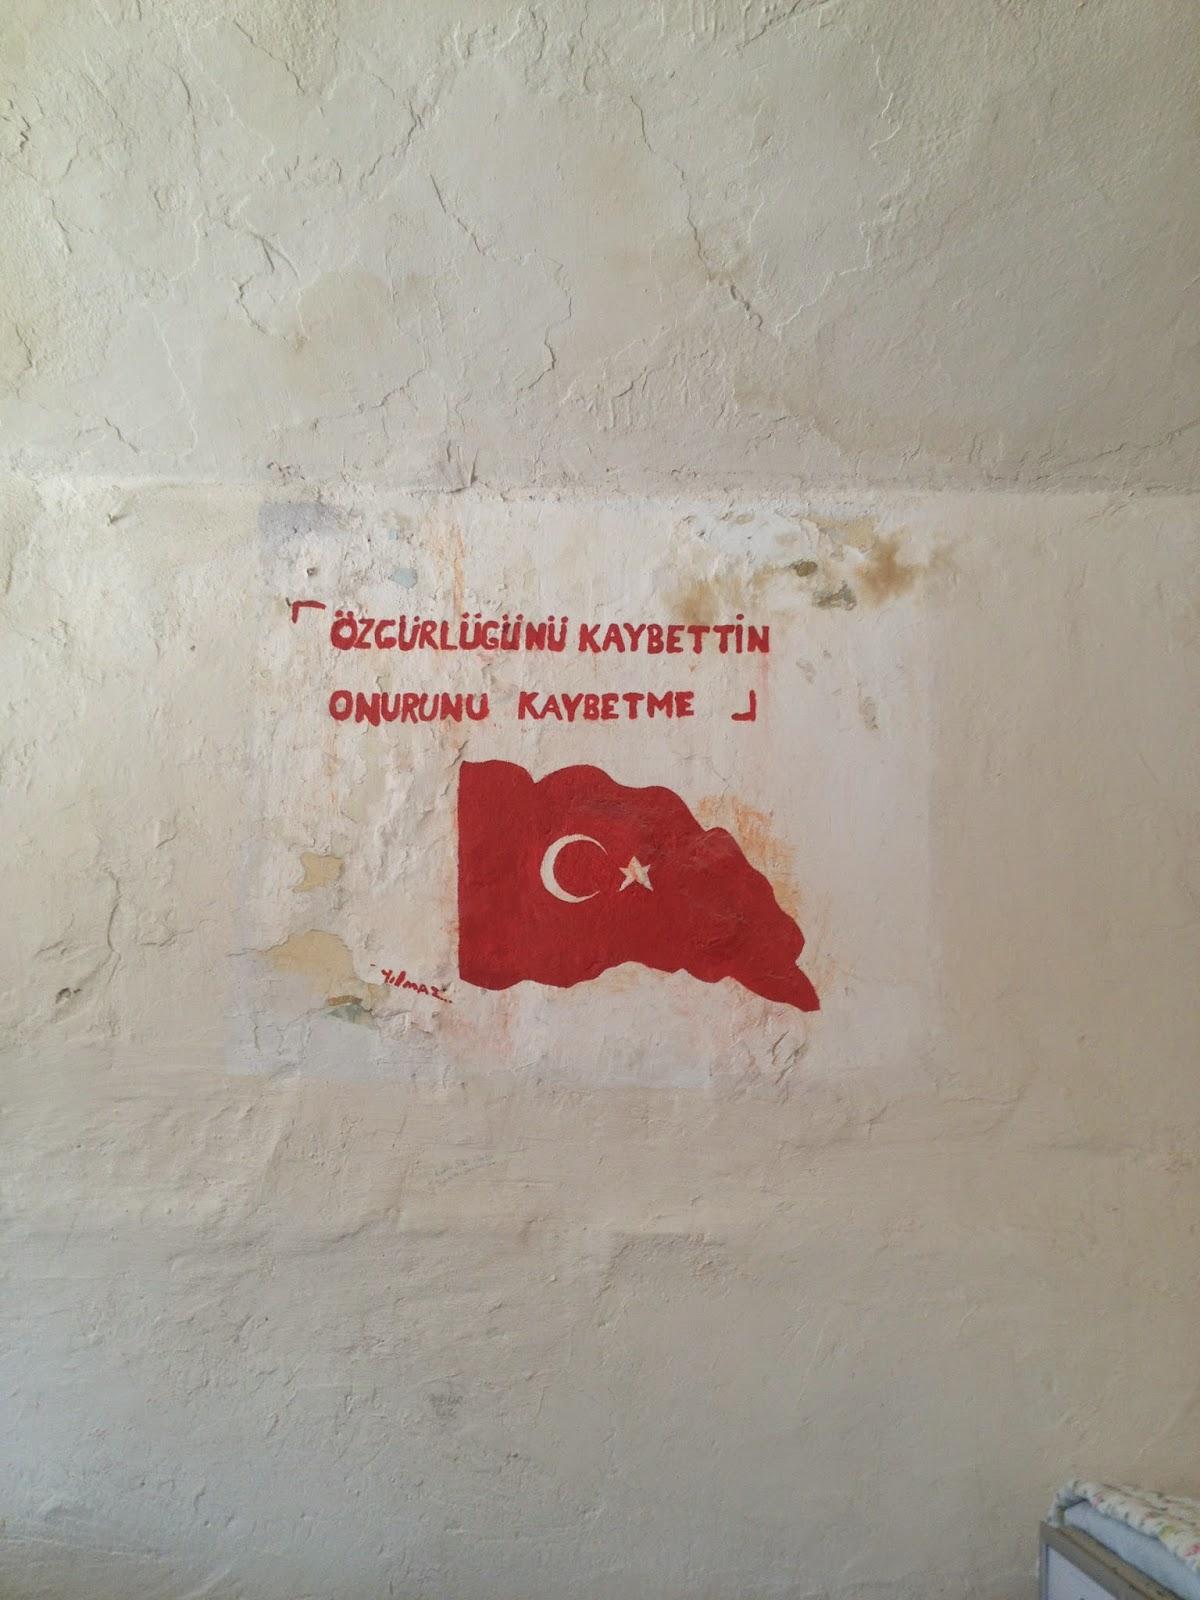 ULUCANLAR CEZAEVİ